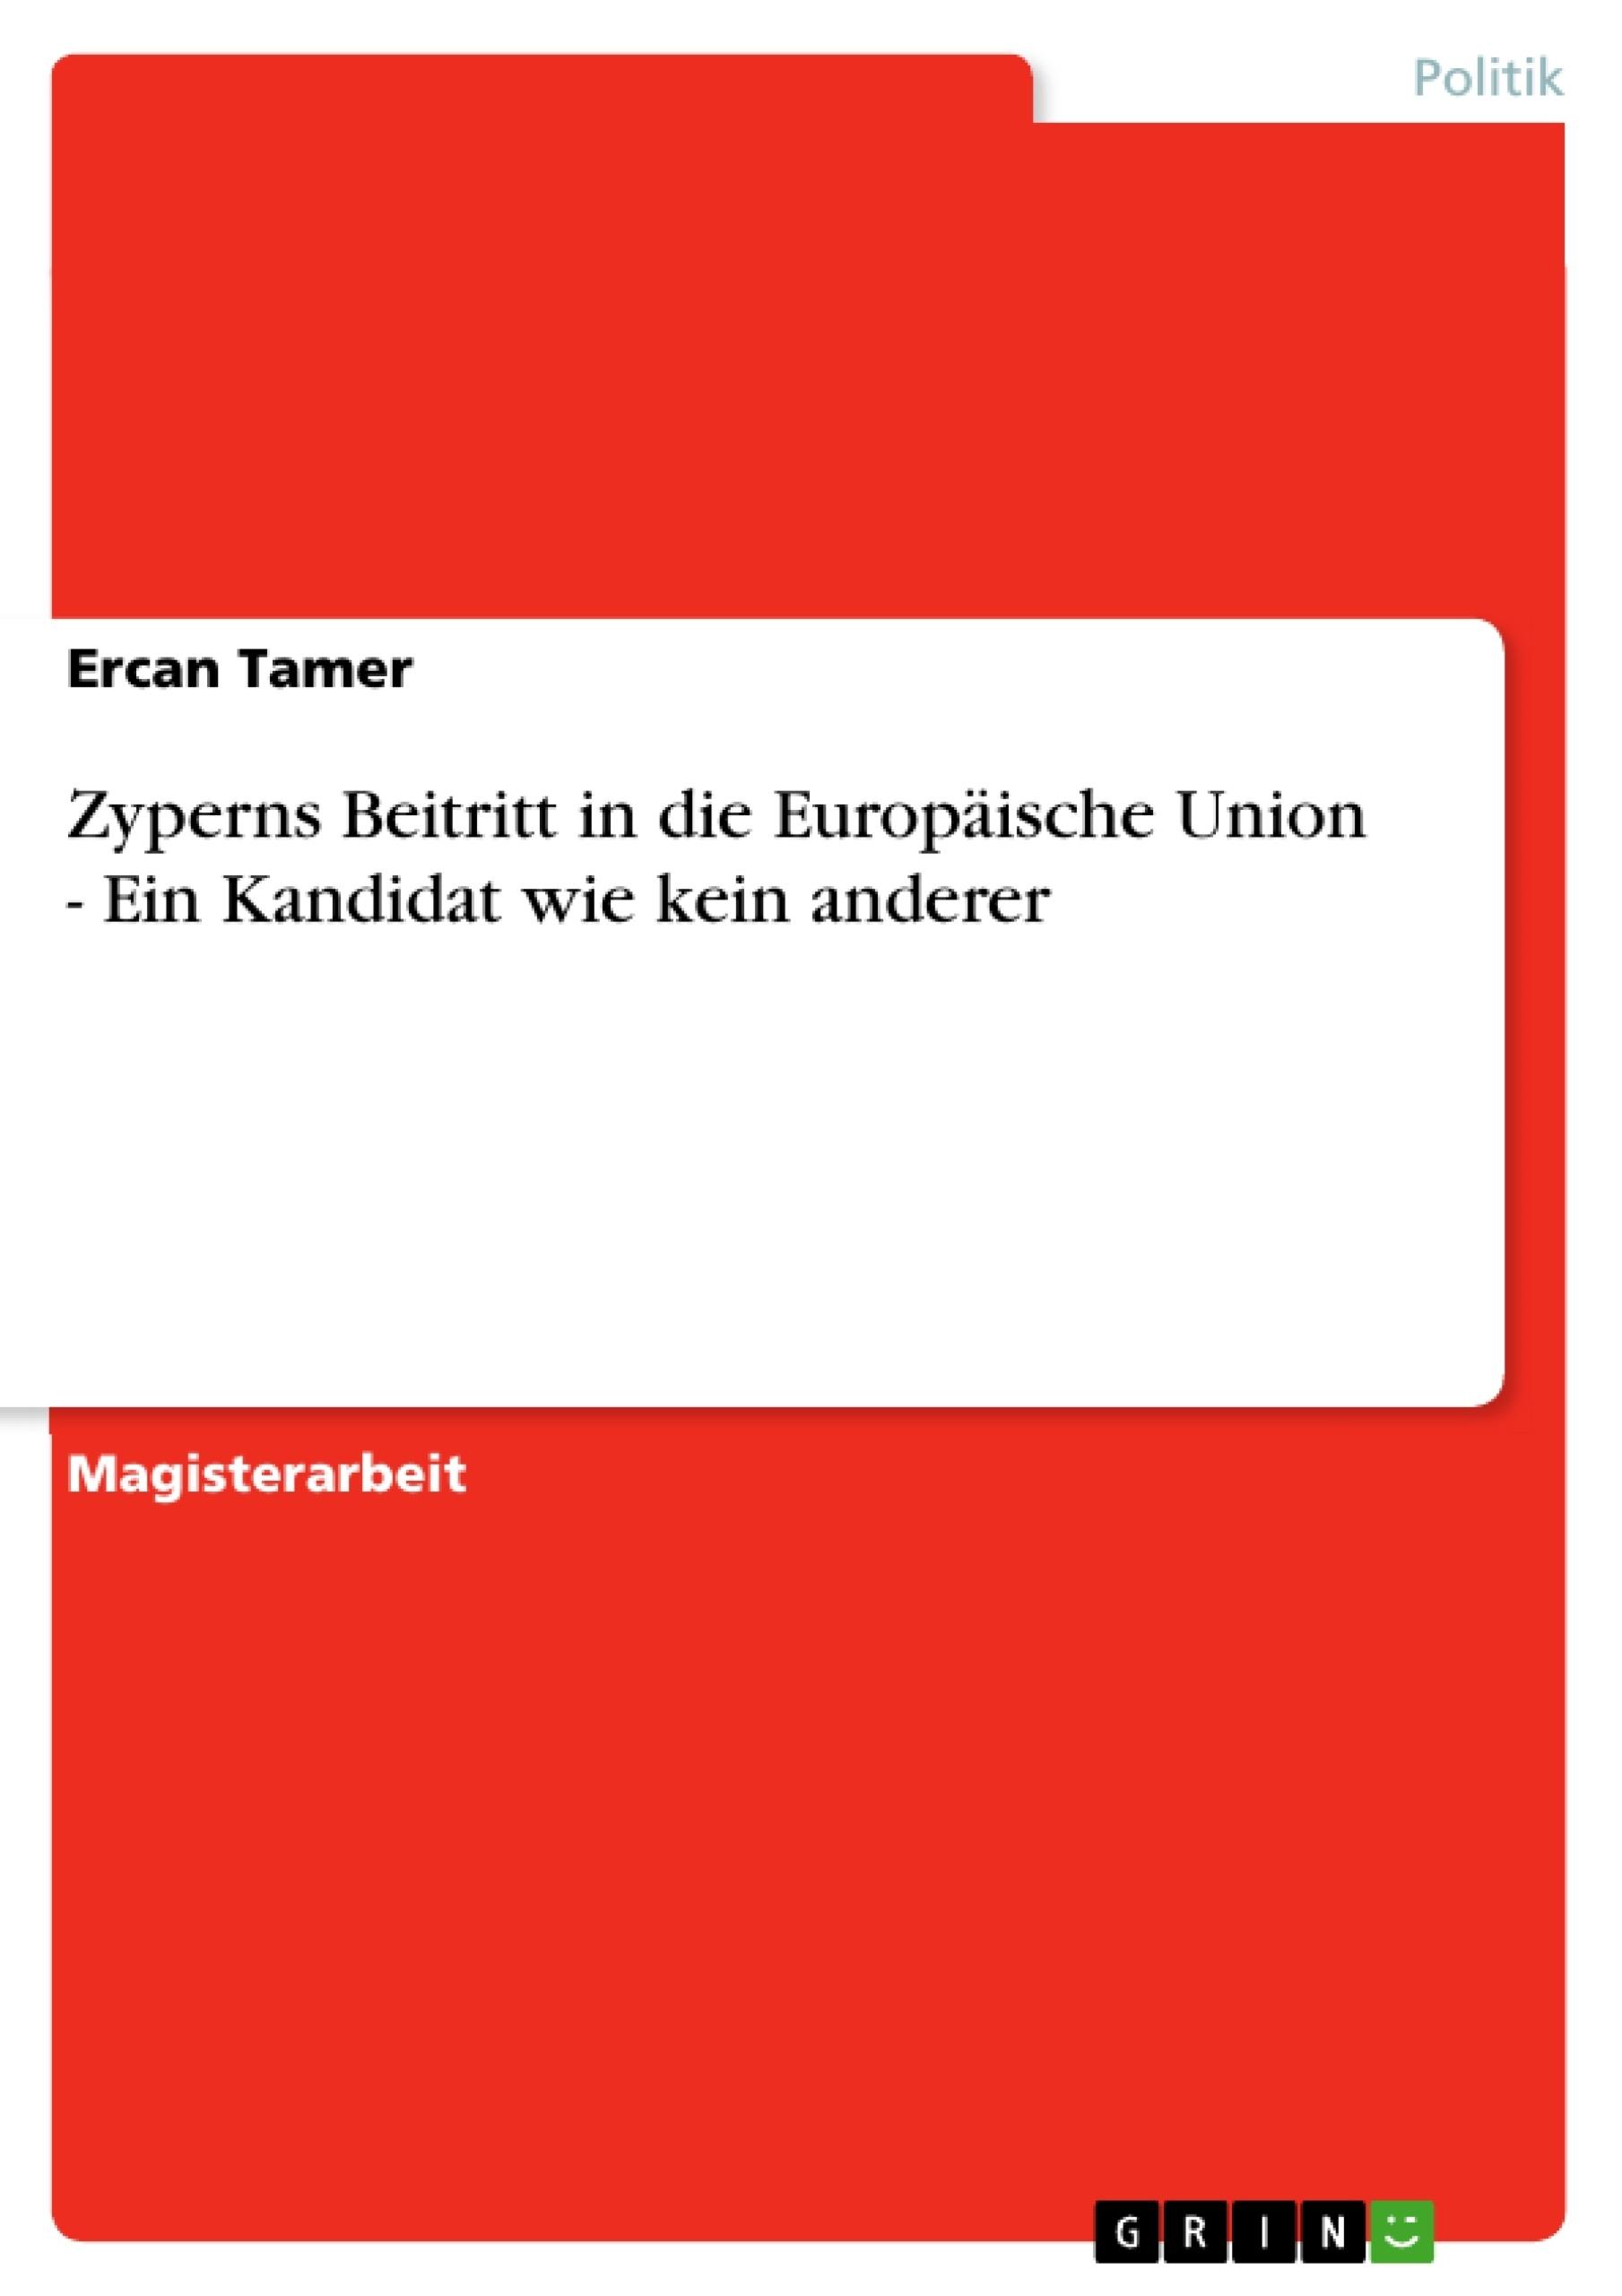 Titel: Zyperns Beitritt in die Europäische Union - Ein Kandidat wie kein anderer